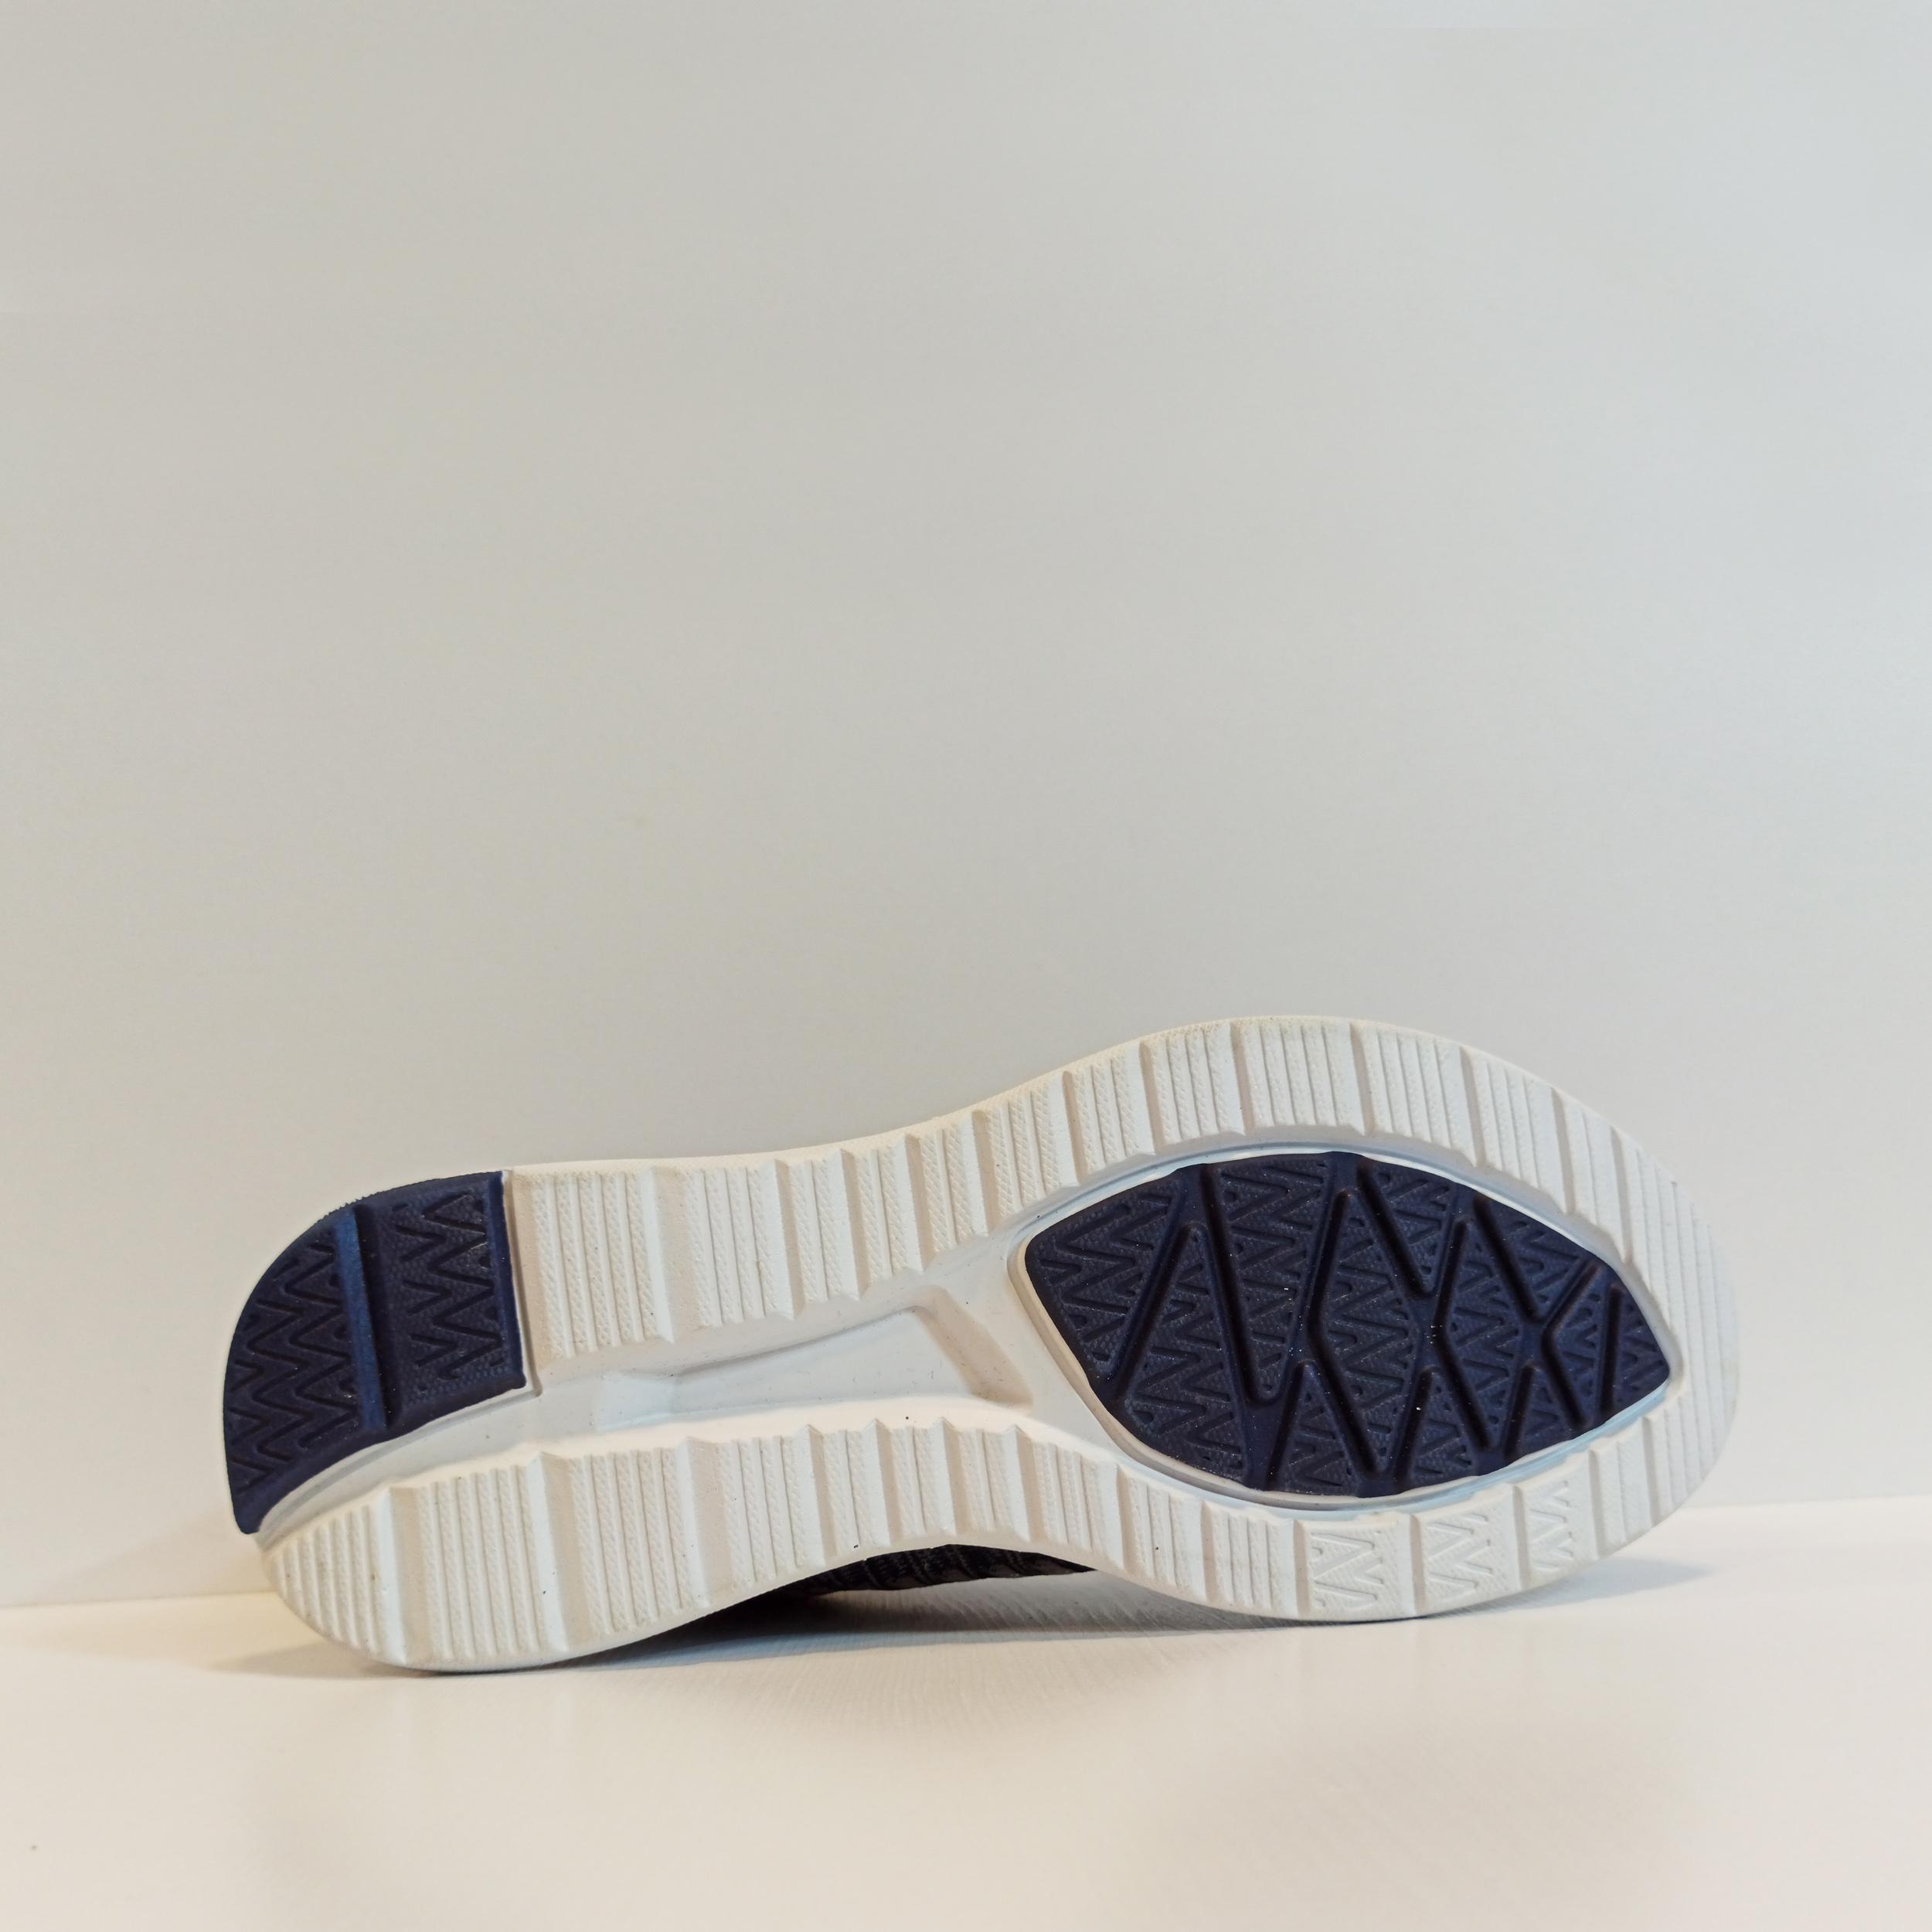 کفش پیاده روی مردانه مدل BT01 main 1 3